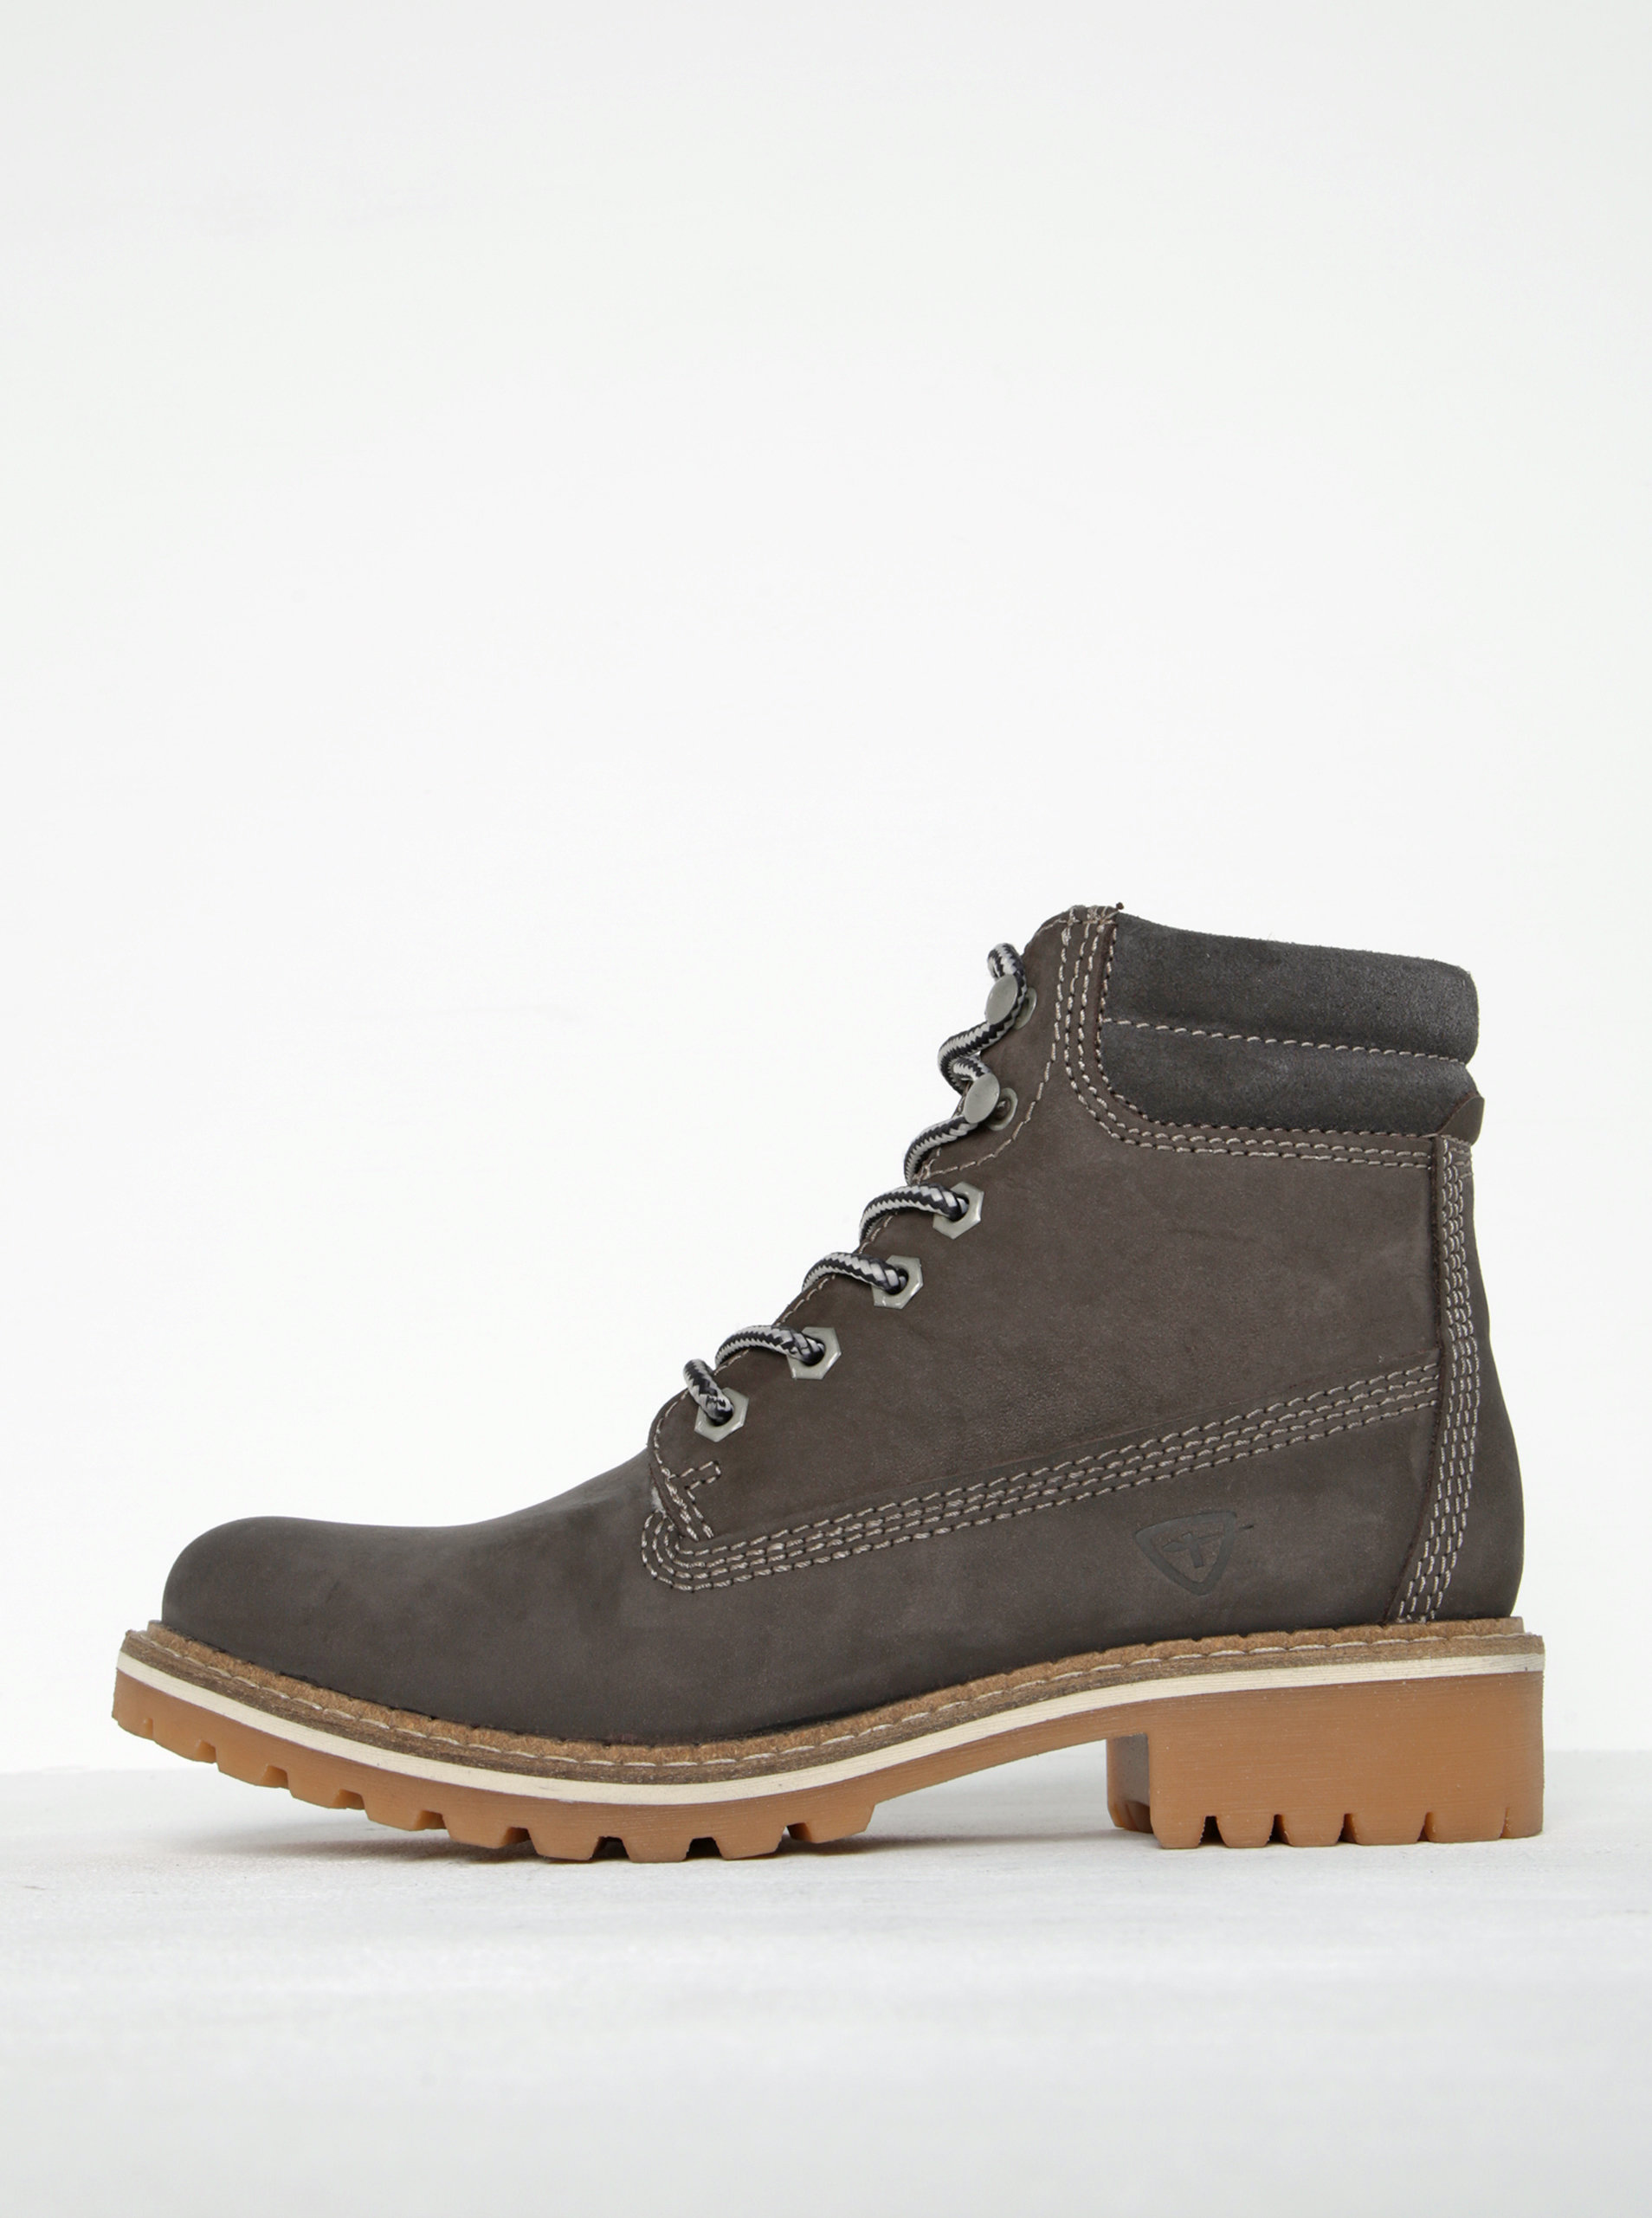 Hnědé kožené kotníkové boty Tamaris ... 193da32045